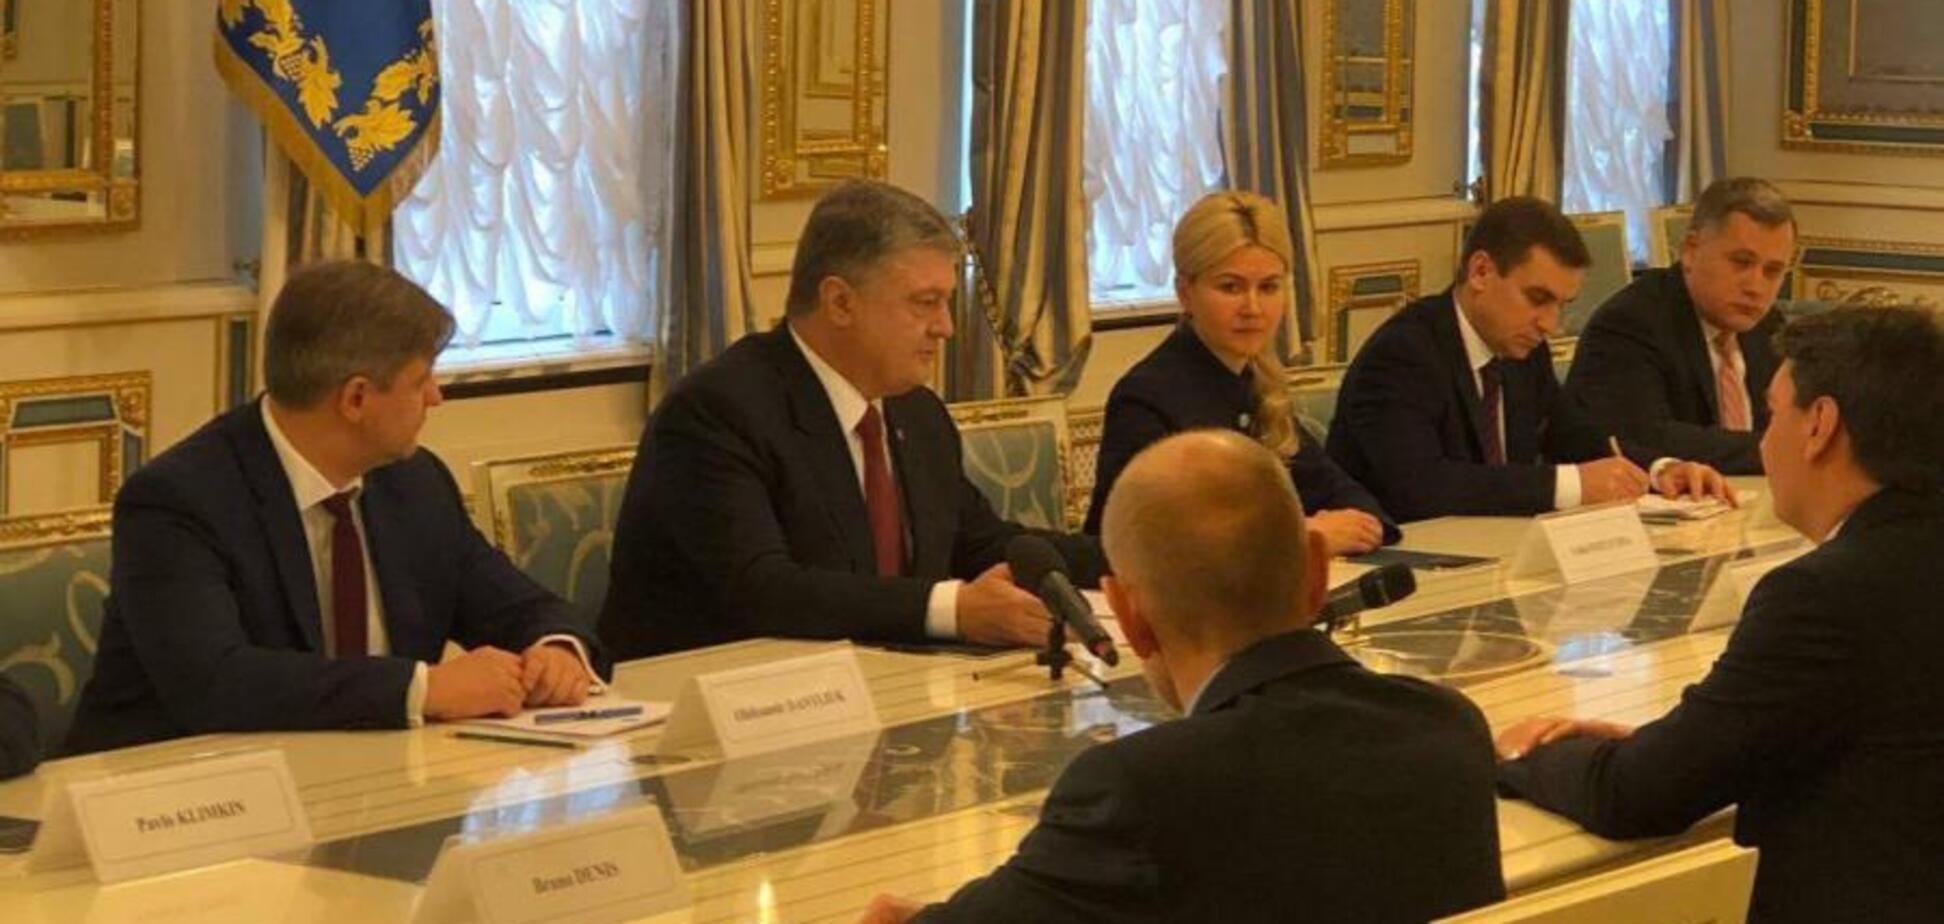 Светличная подписала соглашения на 330 млн евро для расширения метро в Харькове